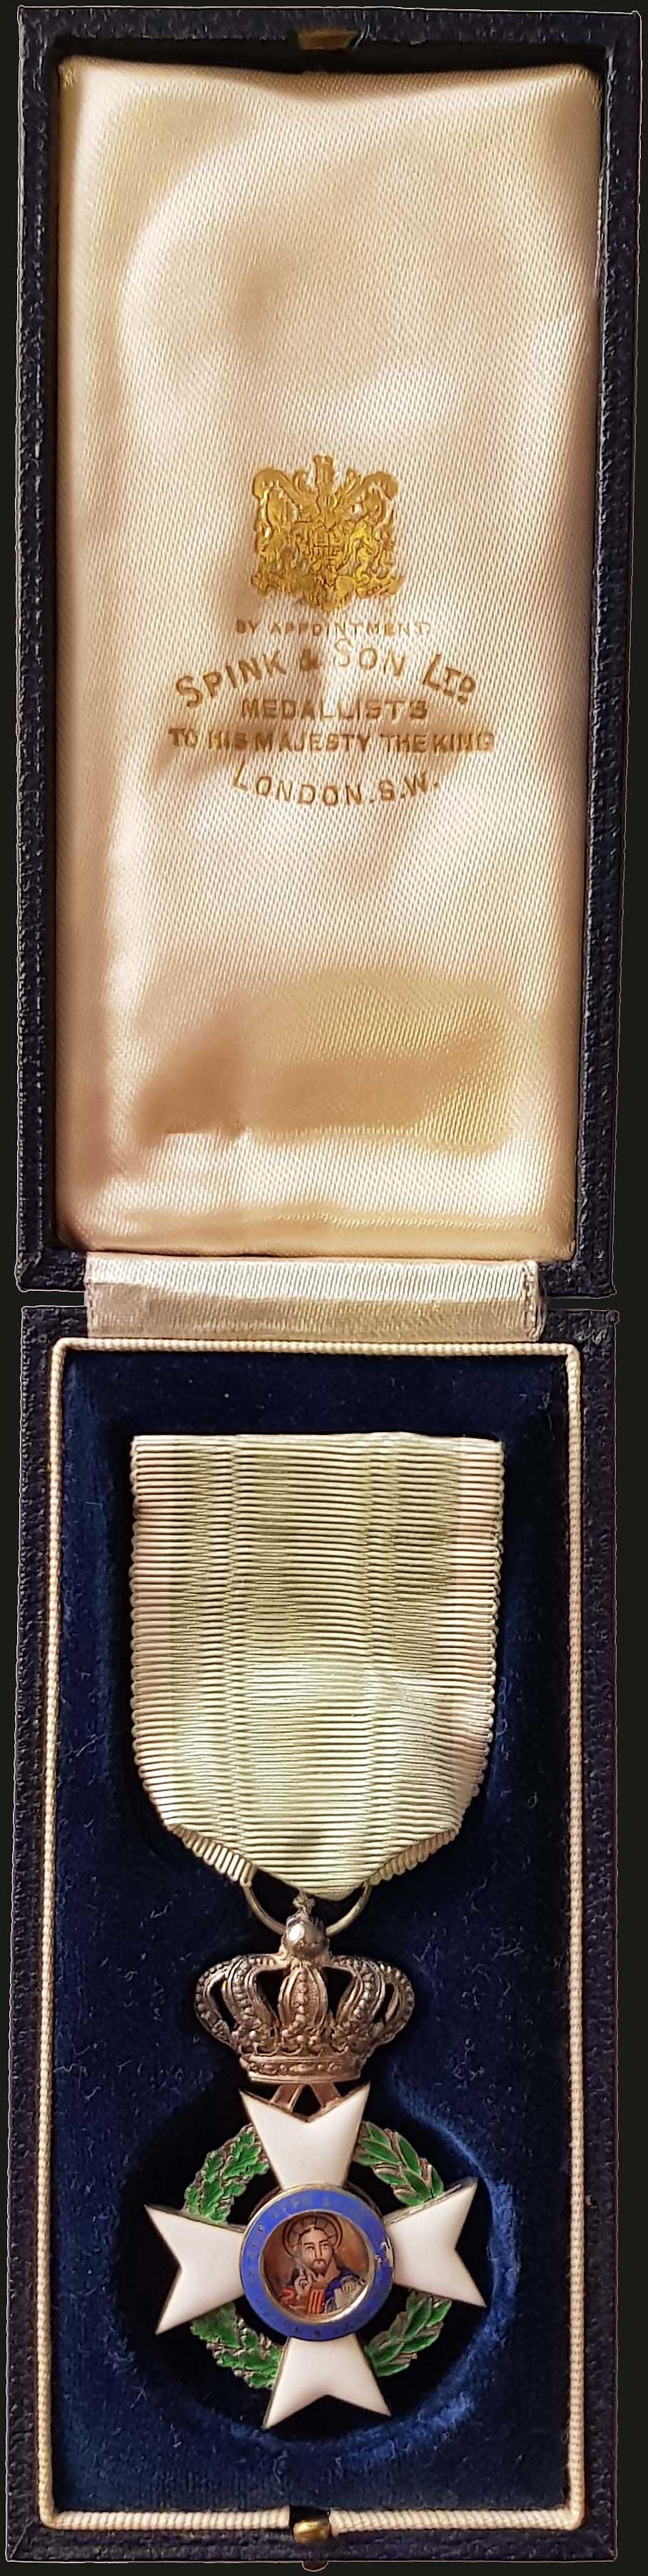 Lot 6539 - -  MEDALS & DECORATIONS GREEK MILITARY MEDALS & DECORATIONS -  A. Karamitsos Public & Live Bid Auction 636 Coins, Medals & Banknotes